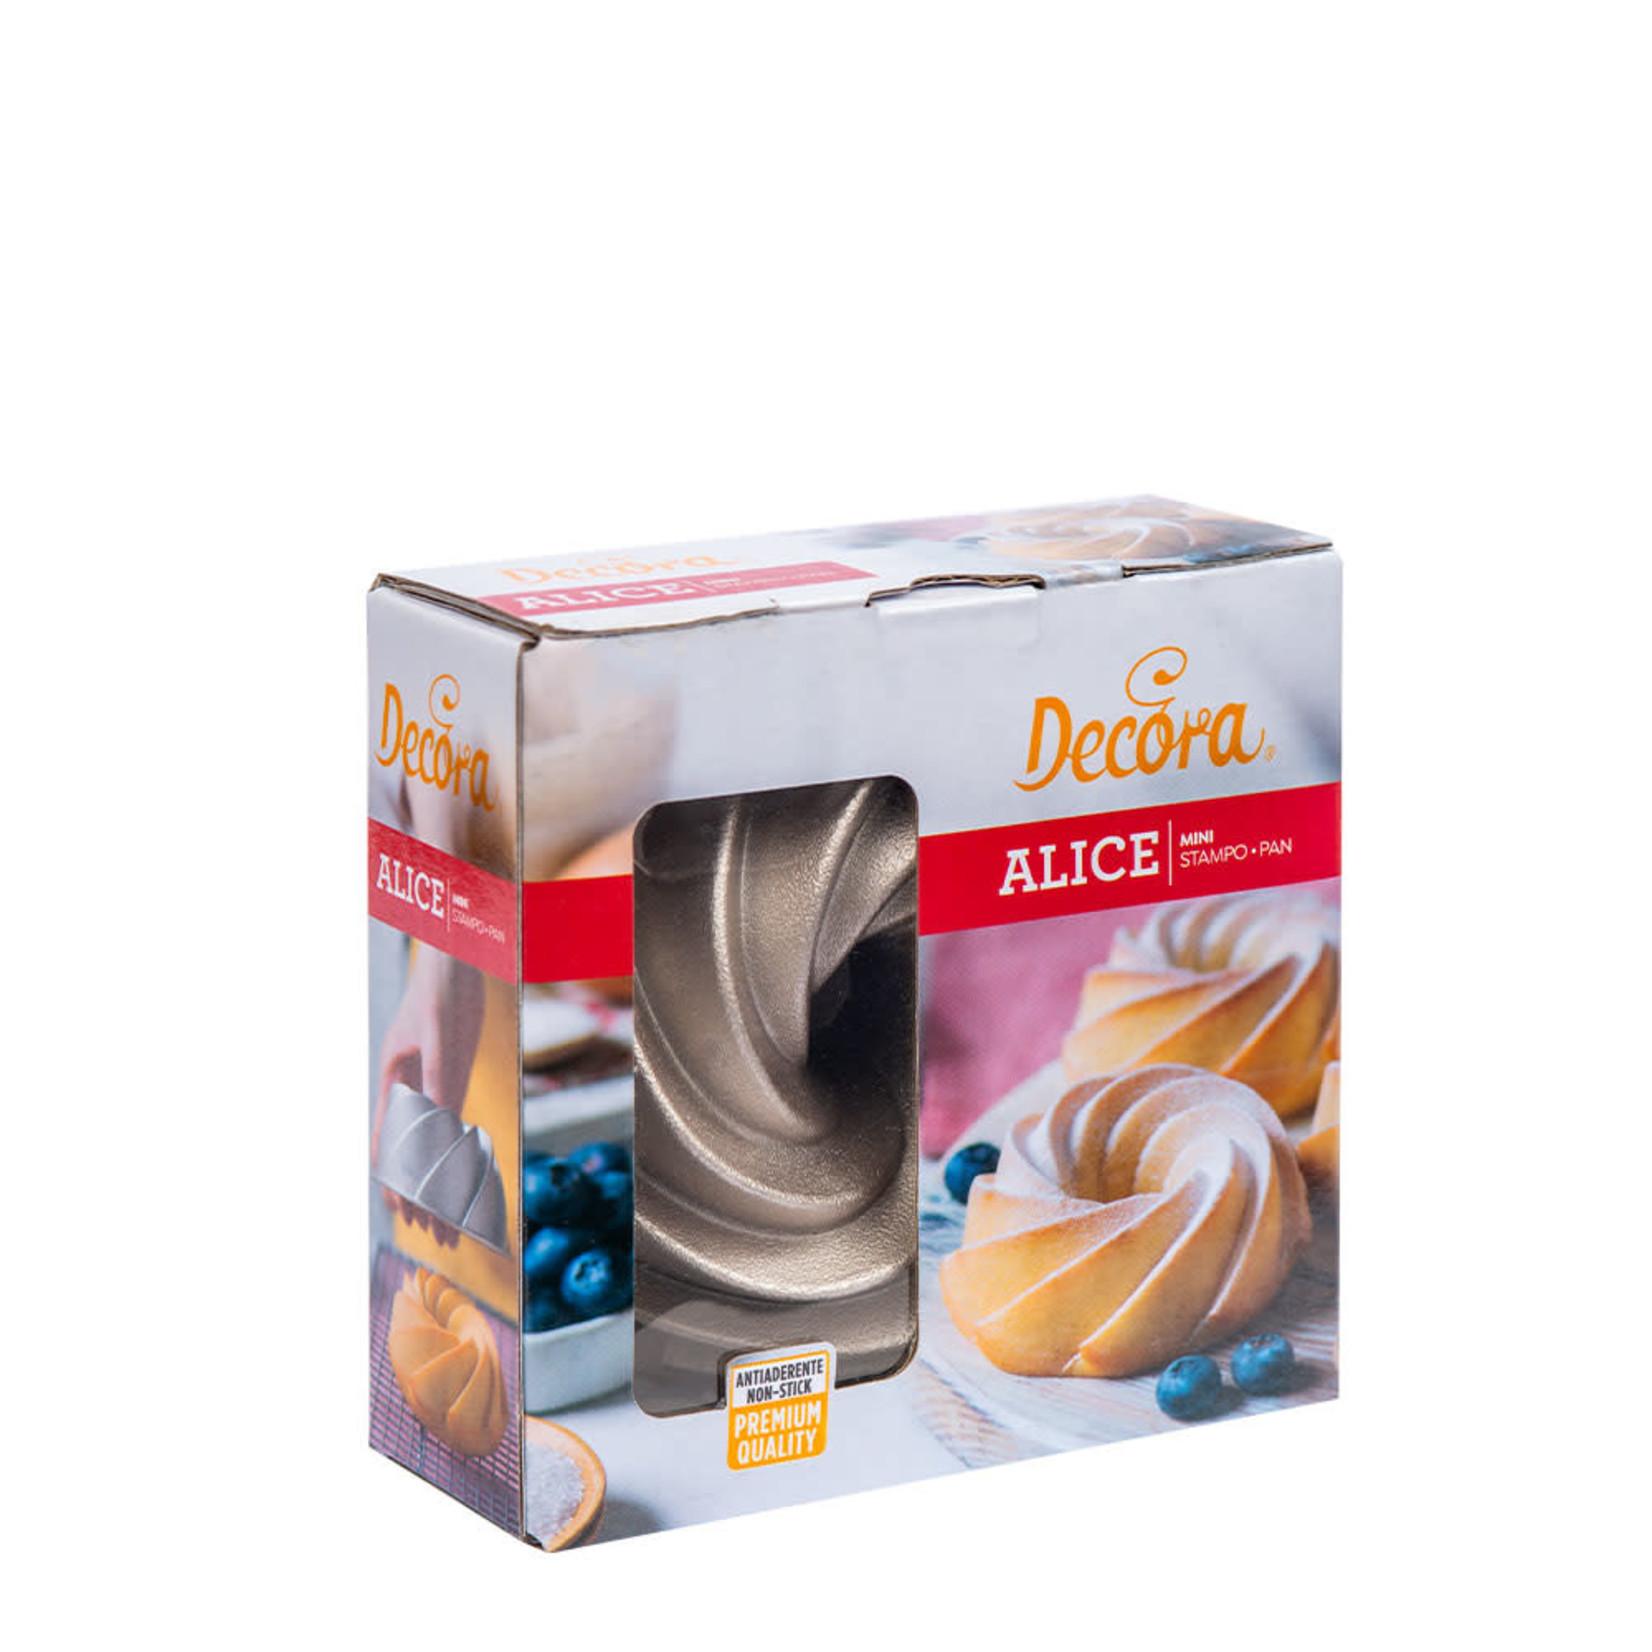 Decora Aluminium bakvorm Mini Alice 10cm